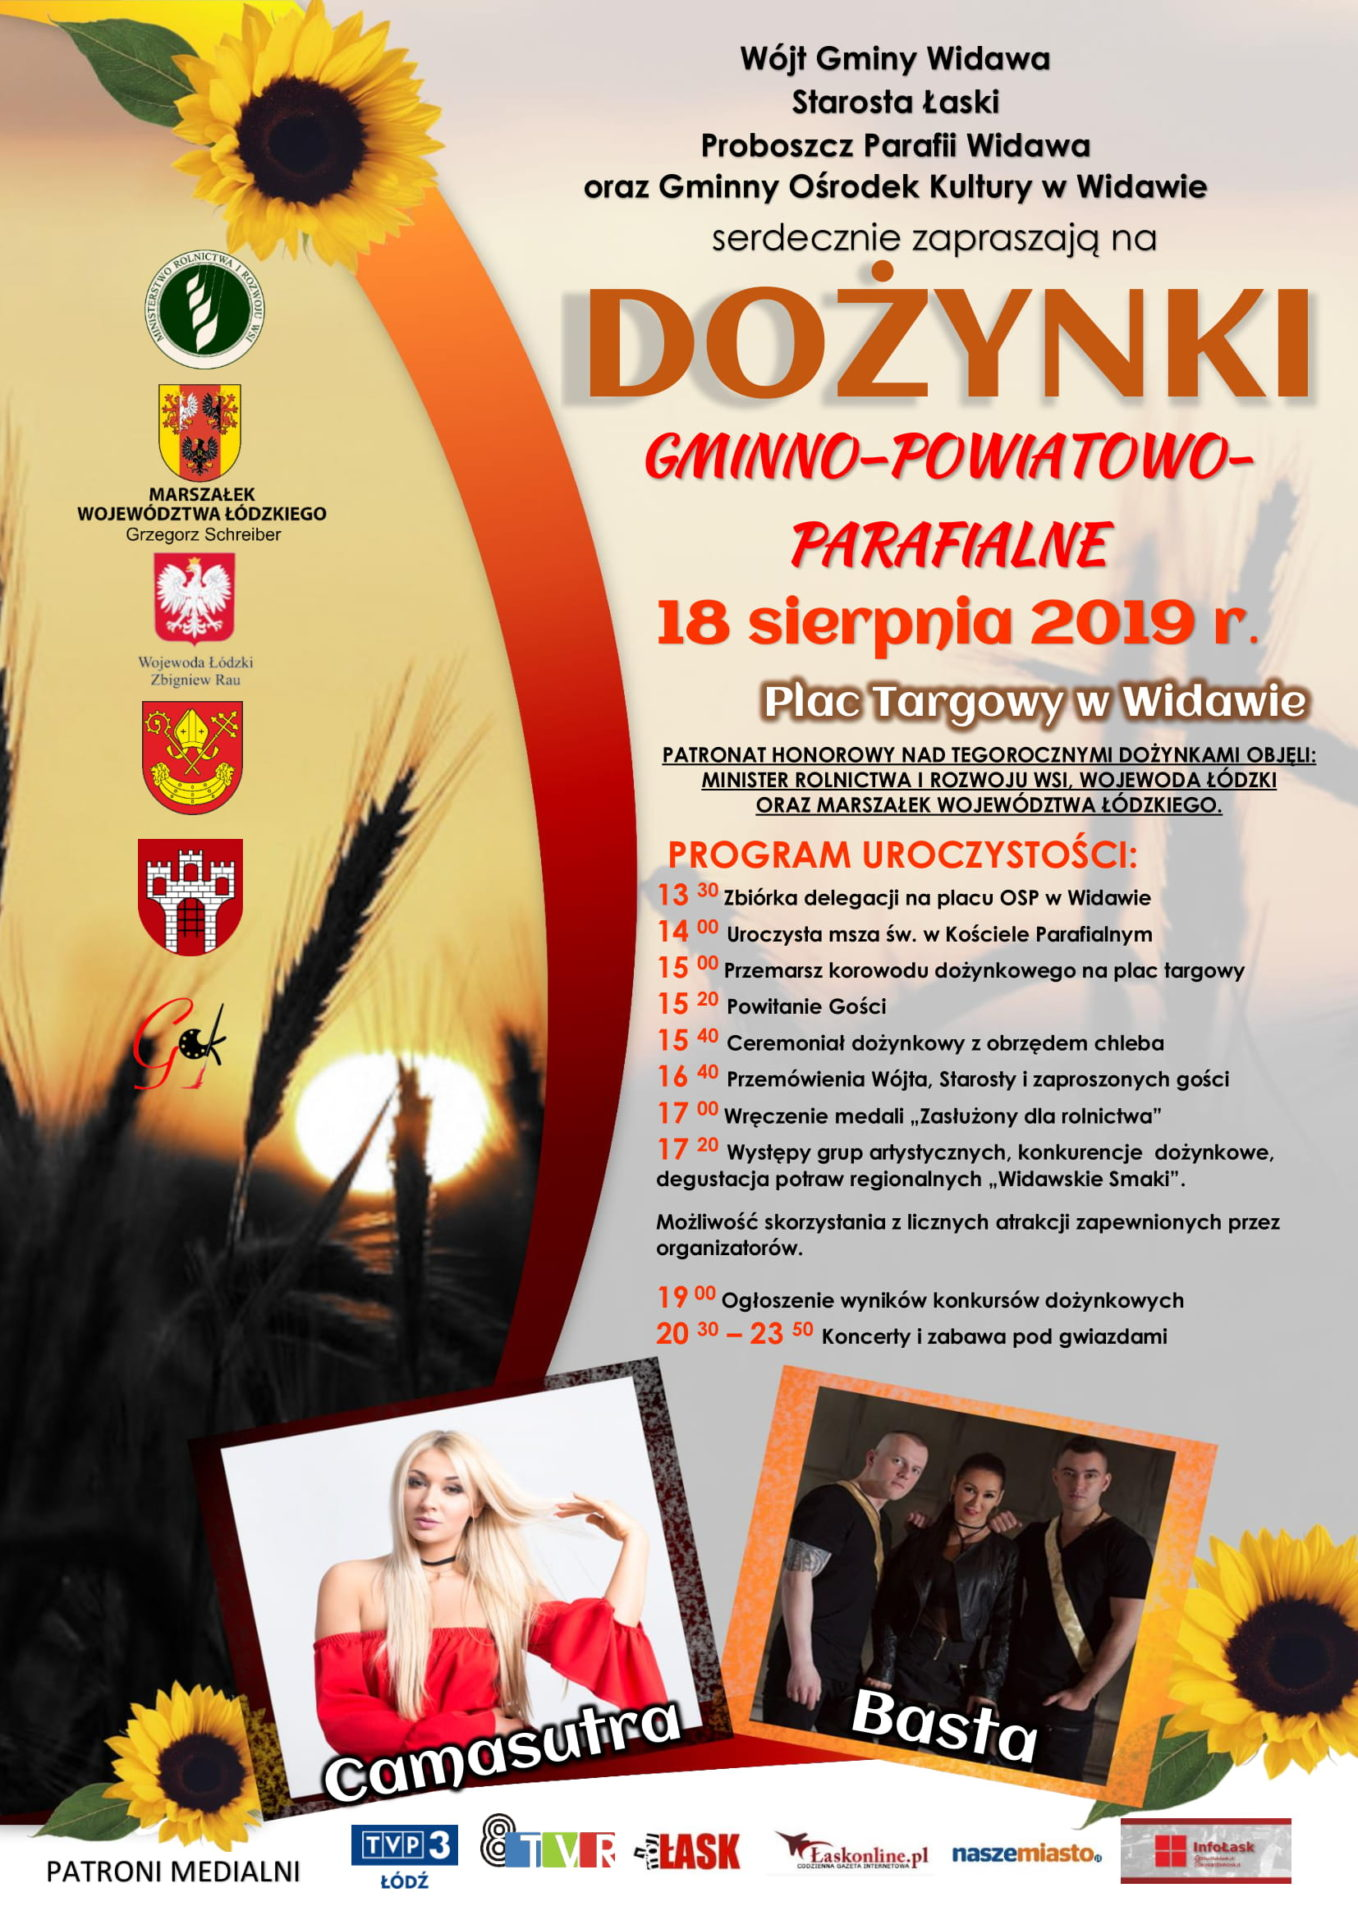 Dożynki Gminno Powiatowo Parafialne Widawa 2019